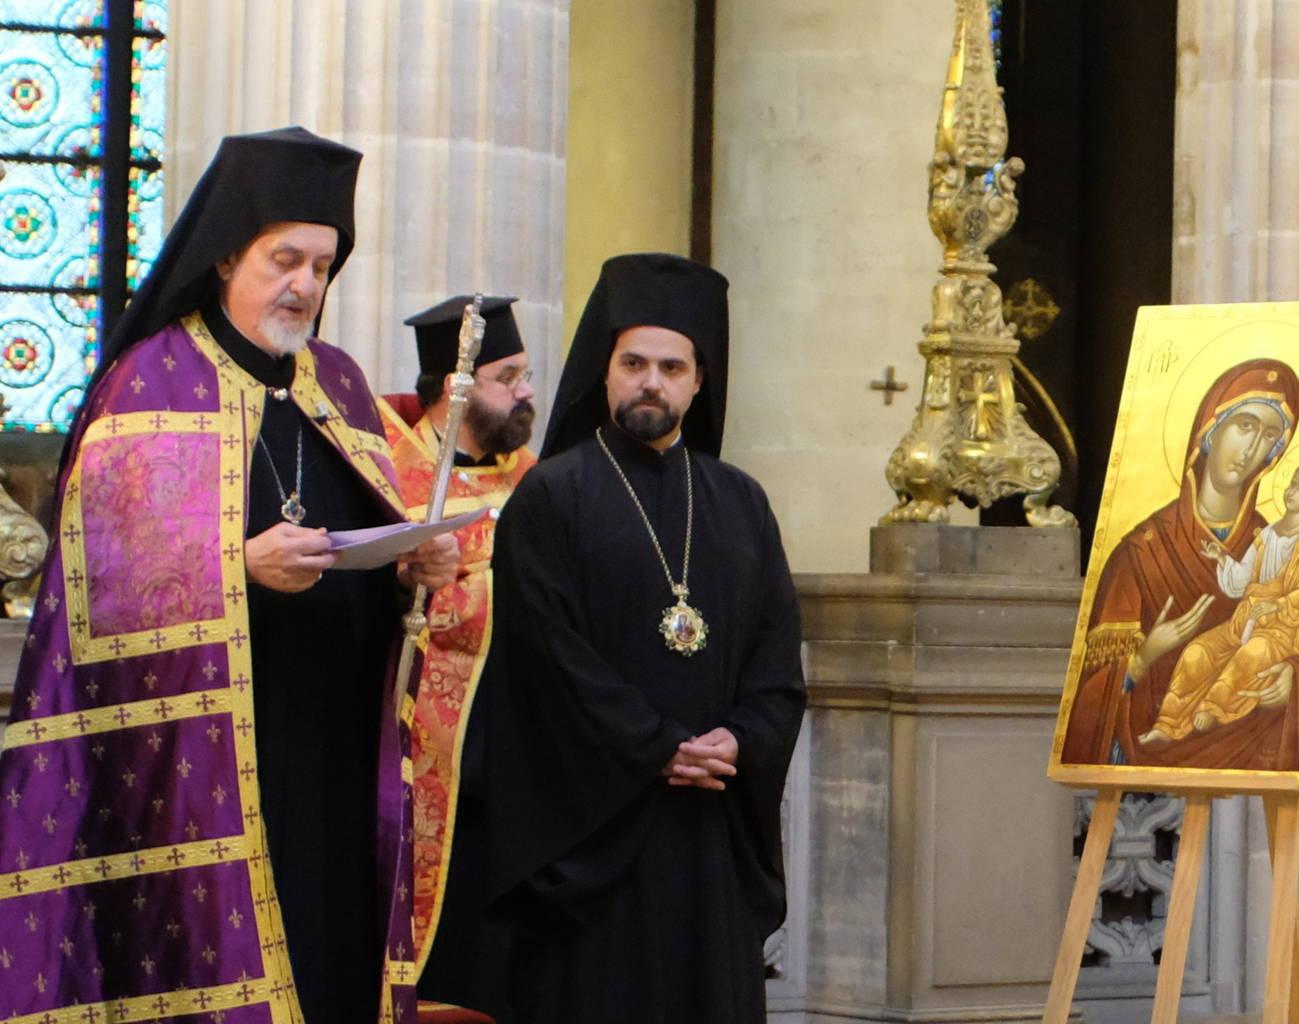 DSCF2003 - Παρίσι: Ορθόδοξος Εσπερινός στον Άγιο Γερμανό Λούβρου